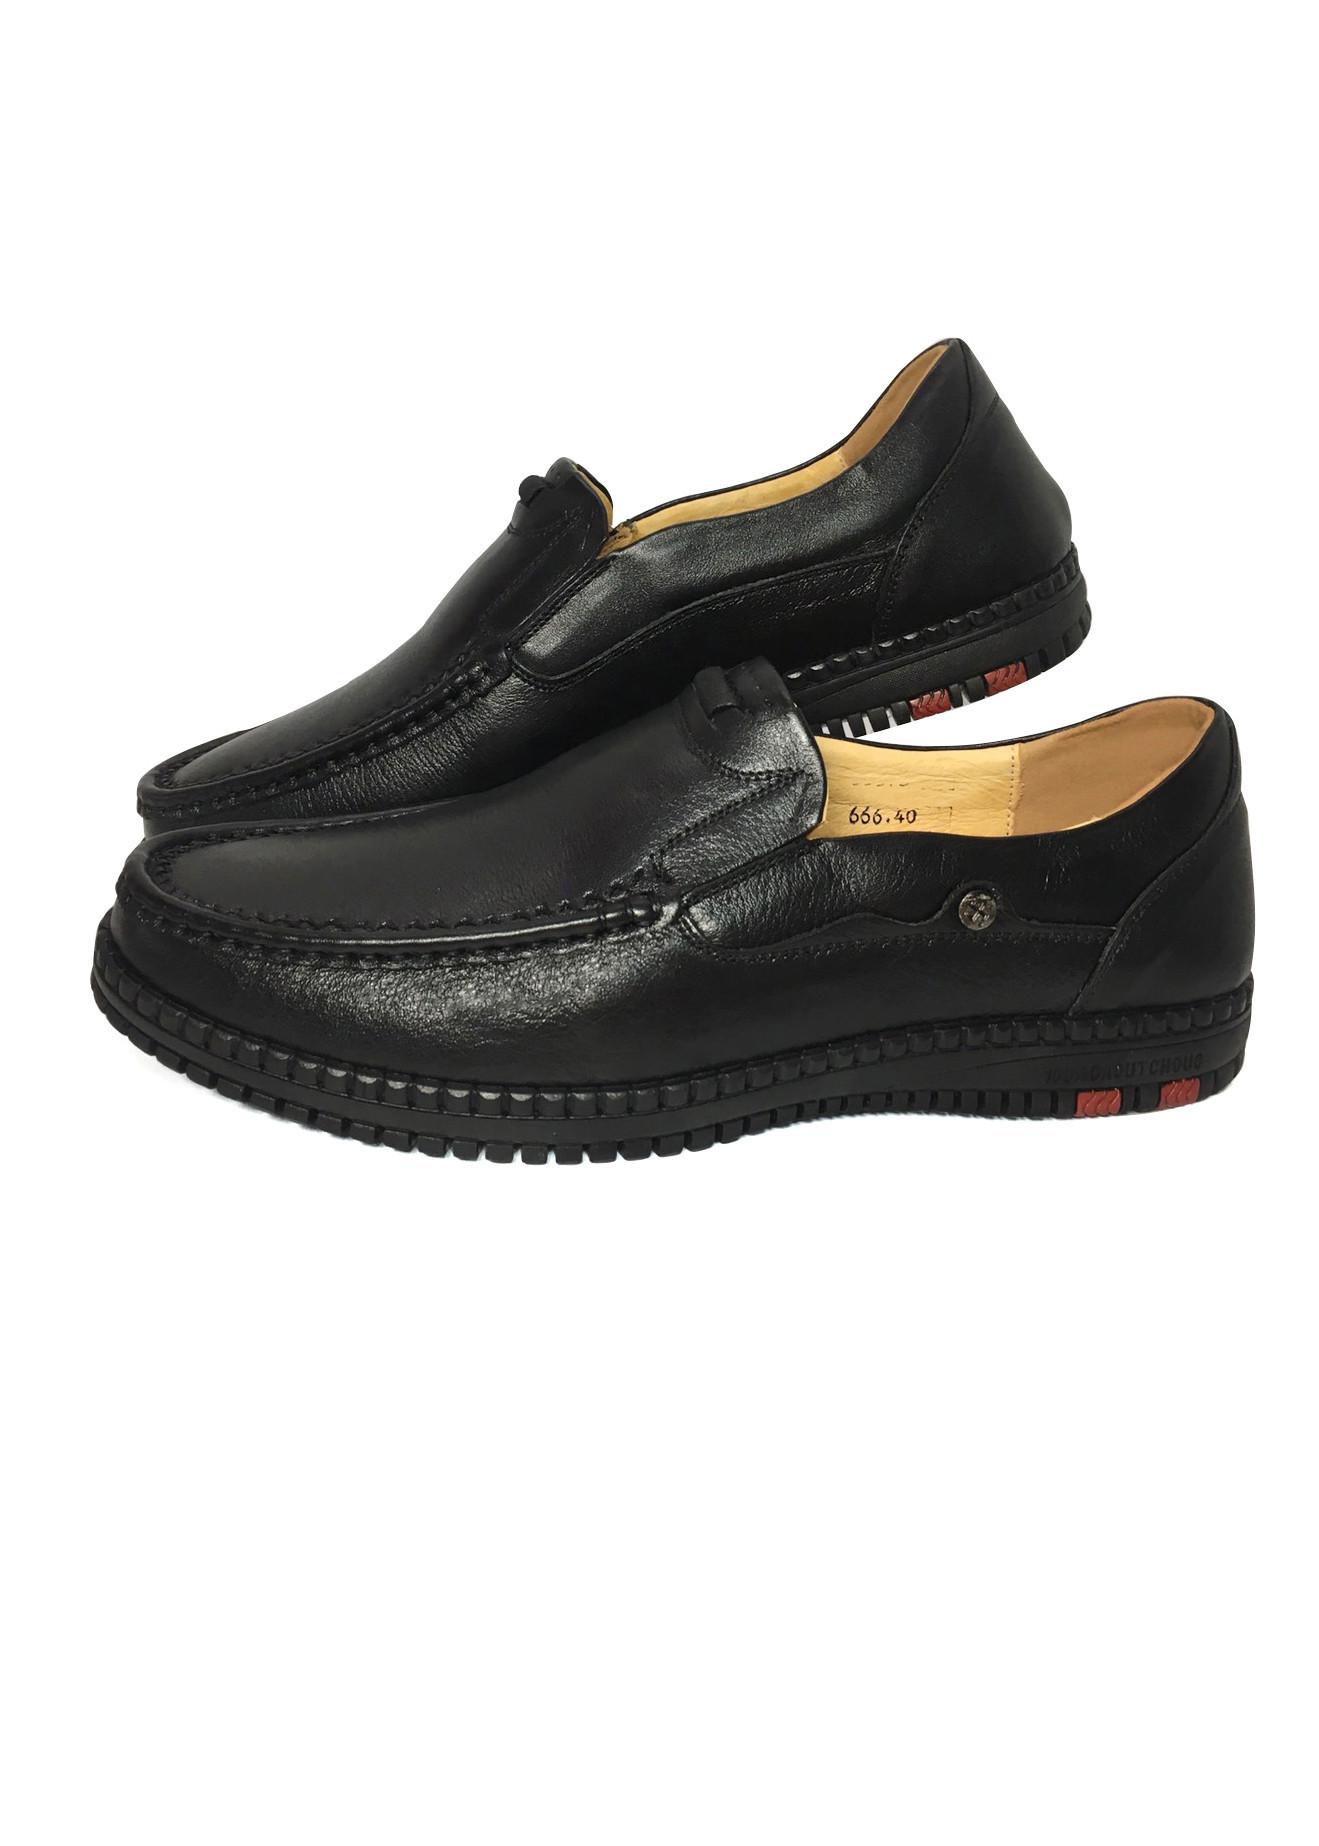 Giày Da Nam Cao Cấp Phong Cách Trẻ Trung Năng Động Lịch lãm, Giày Tây Nam HS31